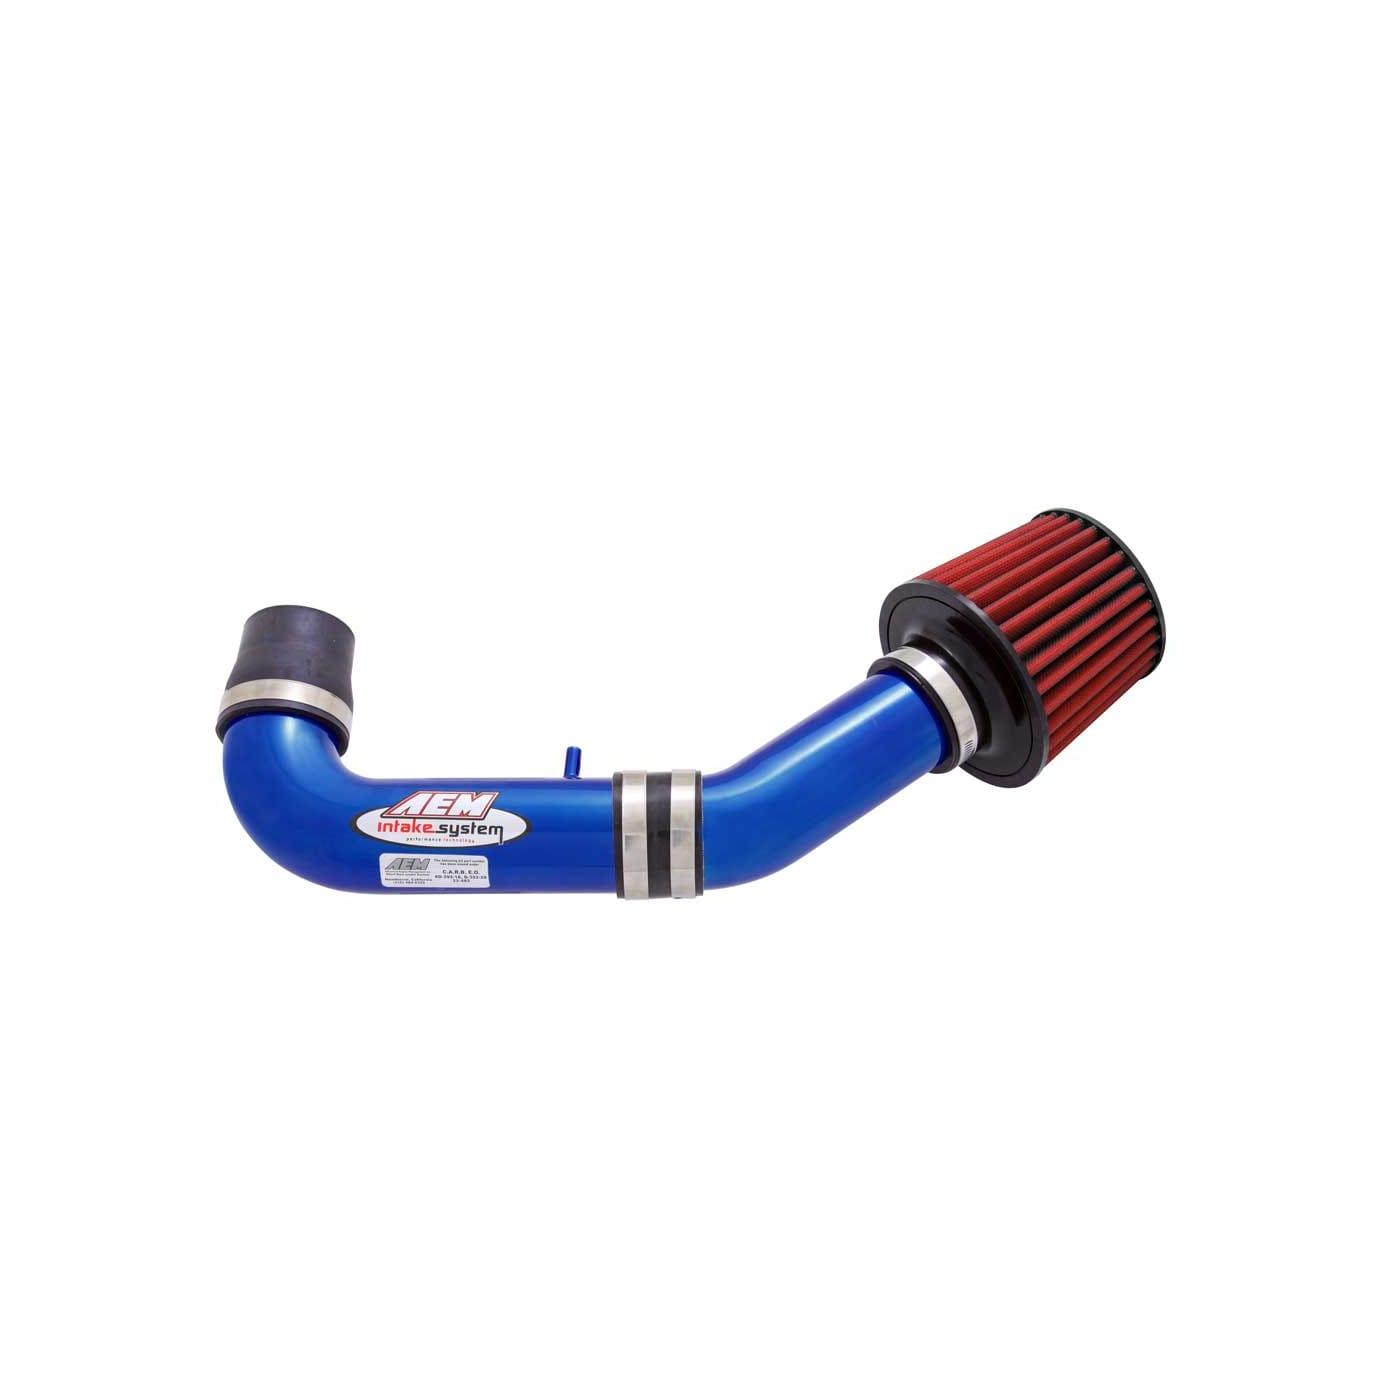 AEM 22-483B Blue Short Ram Intake System